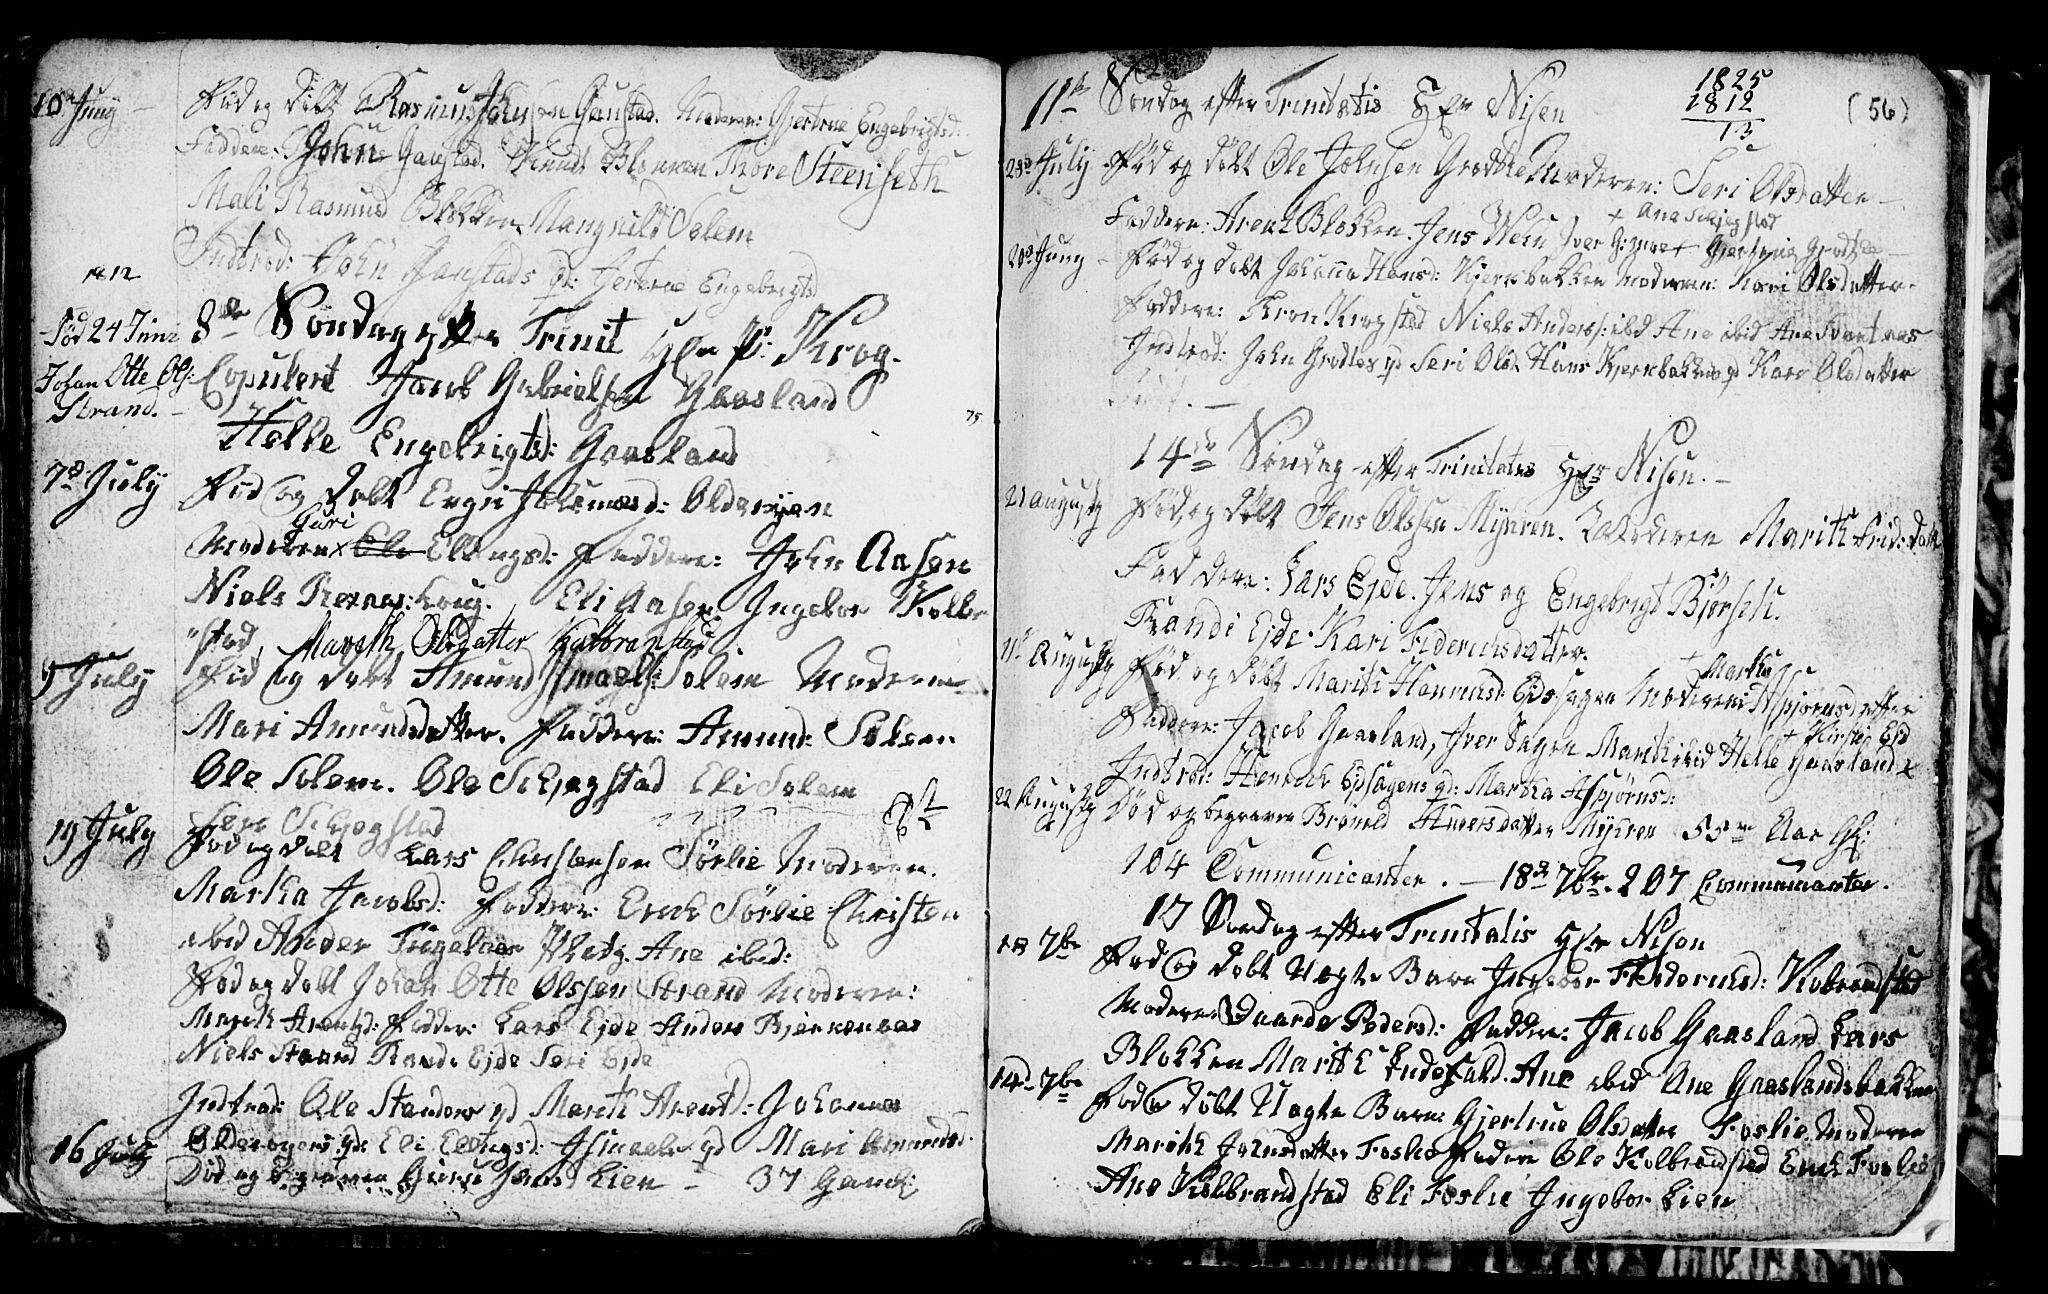 SAT, Ministerialprotokoller, klokkerbøker og fødselsregistre - Sør-Trøndelag, 694/L1129: Klokkerbok nr. 694C01, 1793-1815, s. 56